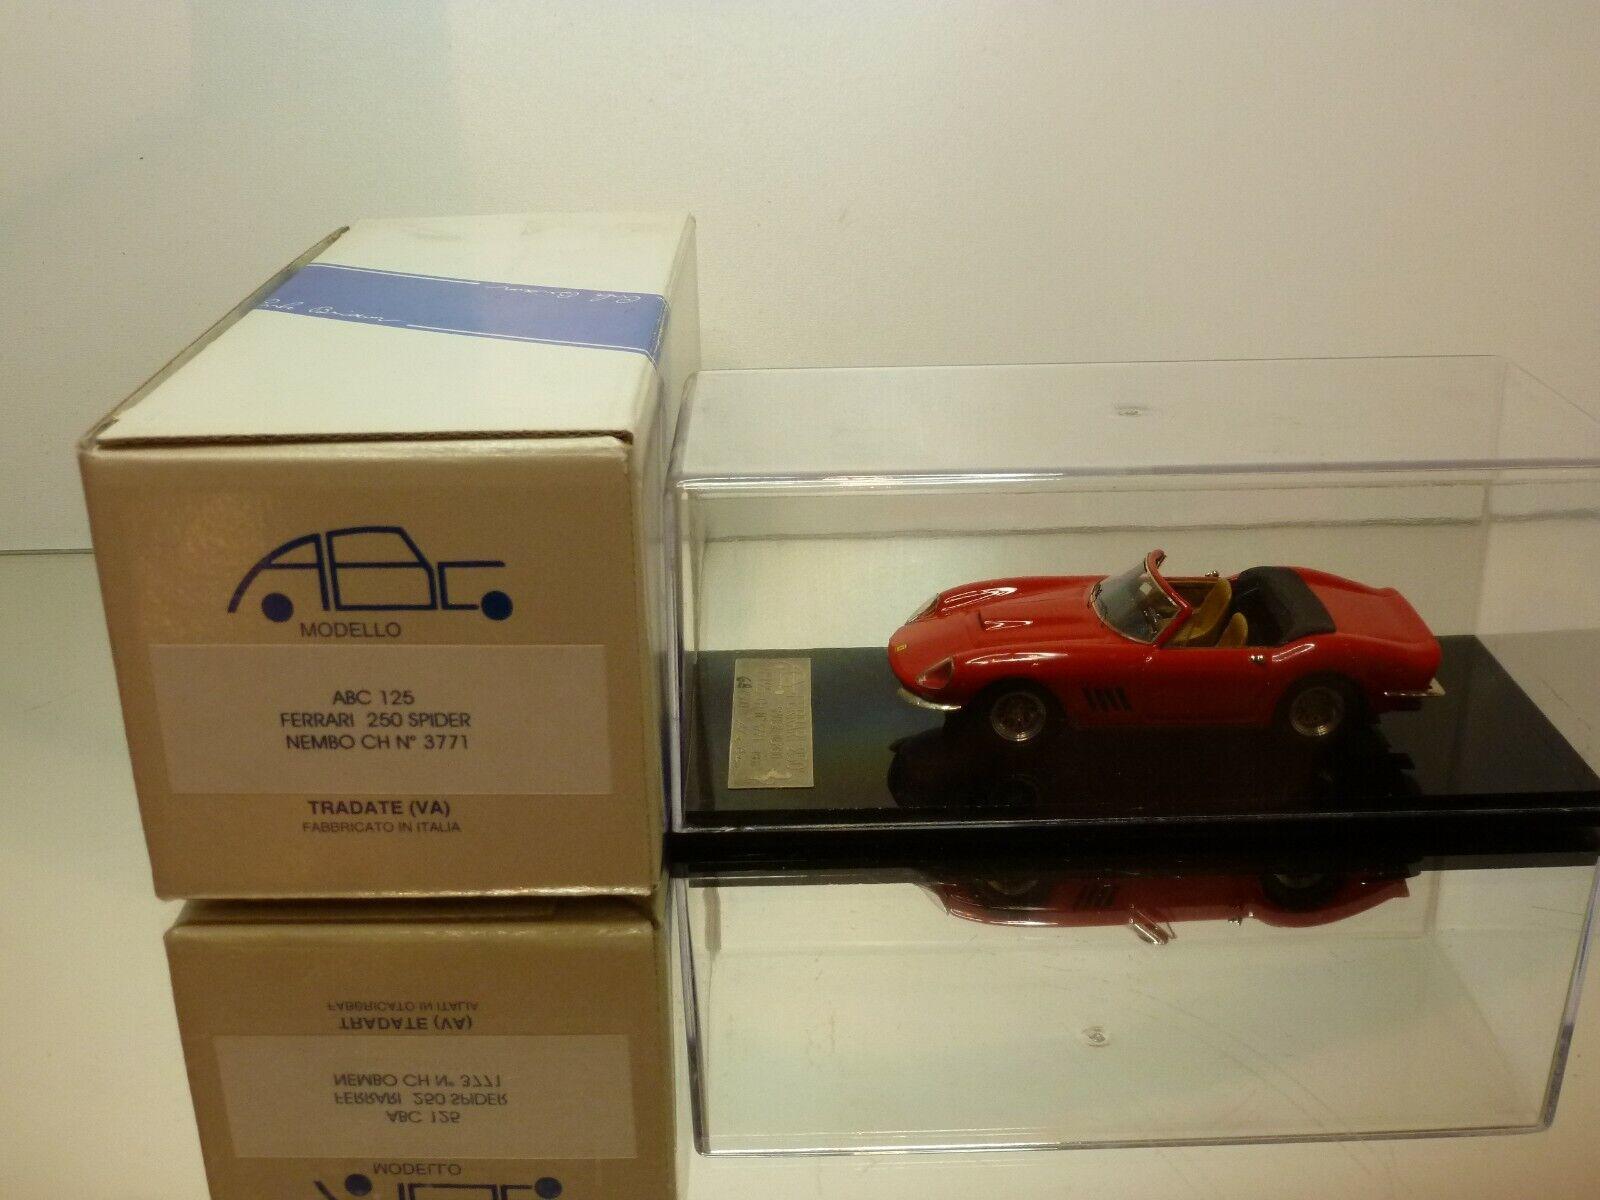 ABC BRIANZA ABC125 FERRARI 250 SPIDER NEMBO CHASSIS 3771 - RED 1:43 -MINT IN BOX